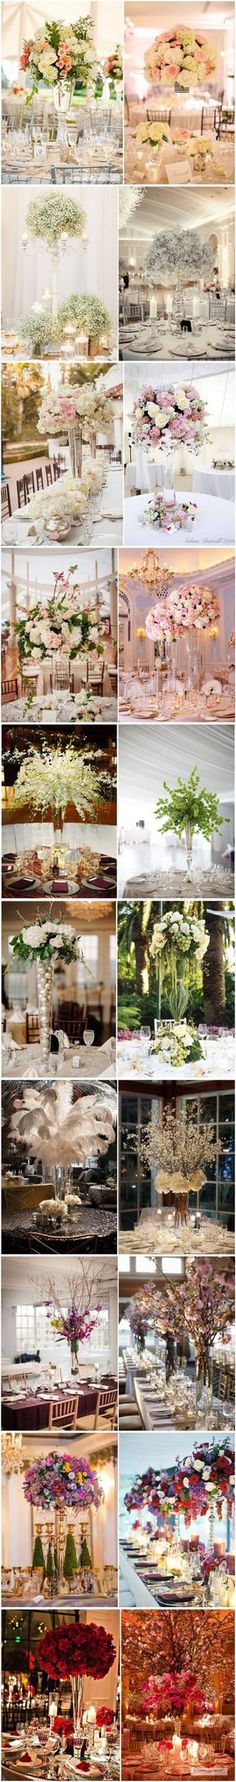 TOP 20 Tall wedding centerpiece ideas